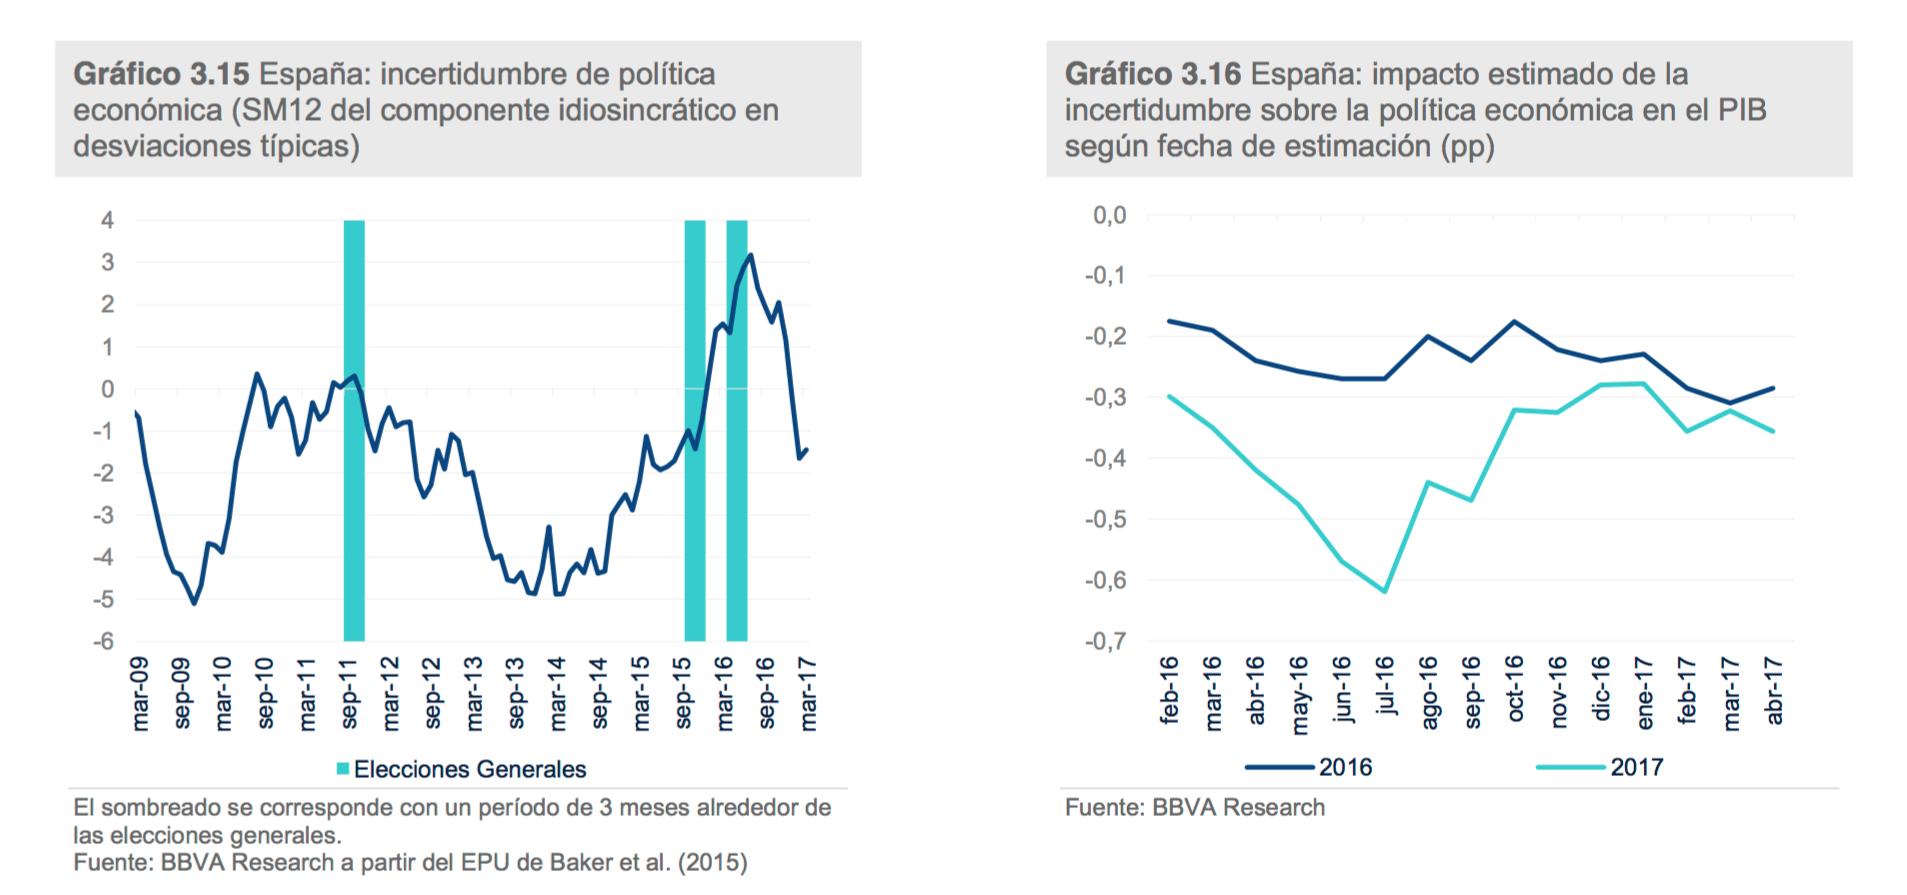 4-BBVA-Riesgo-incertidumbre-politica-esp